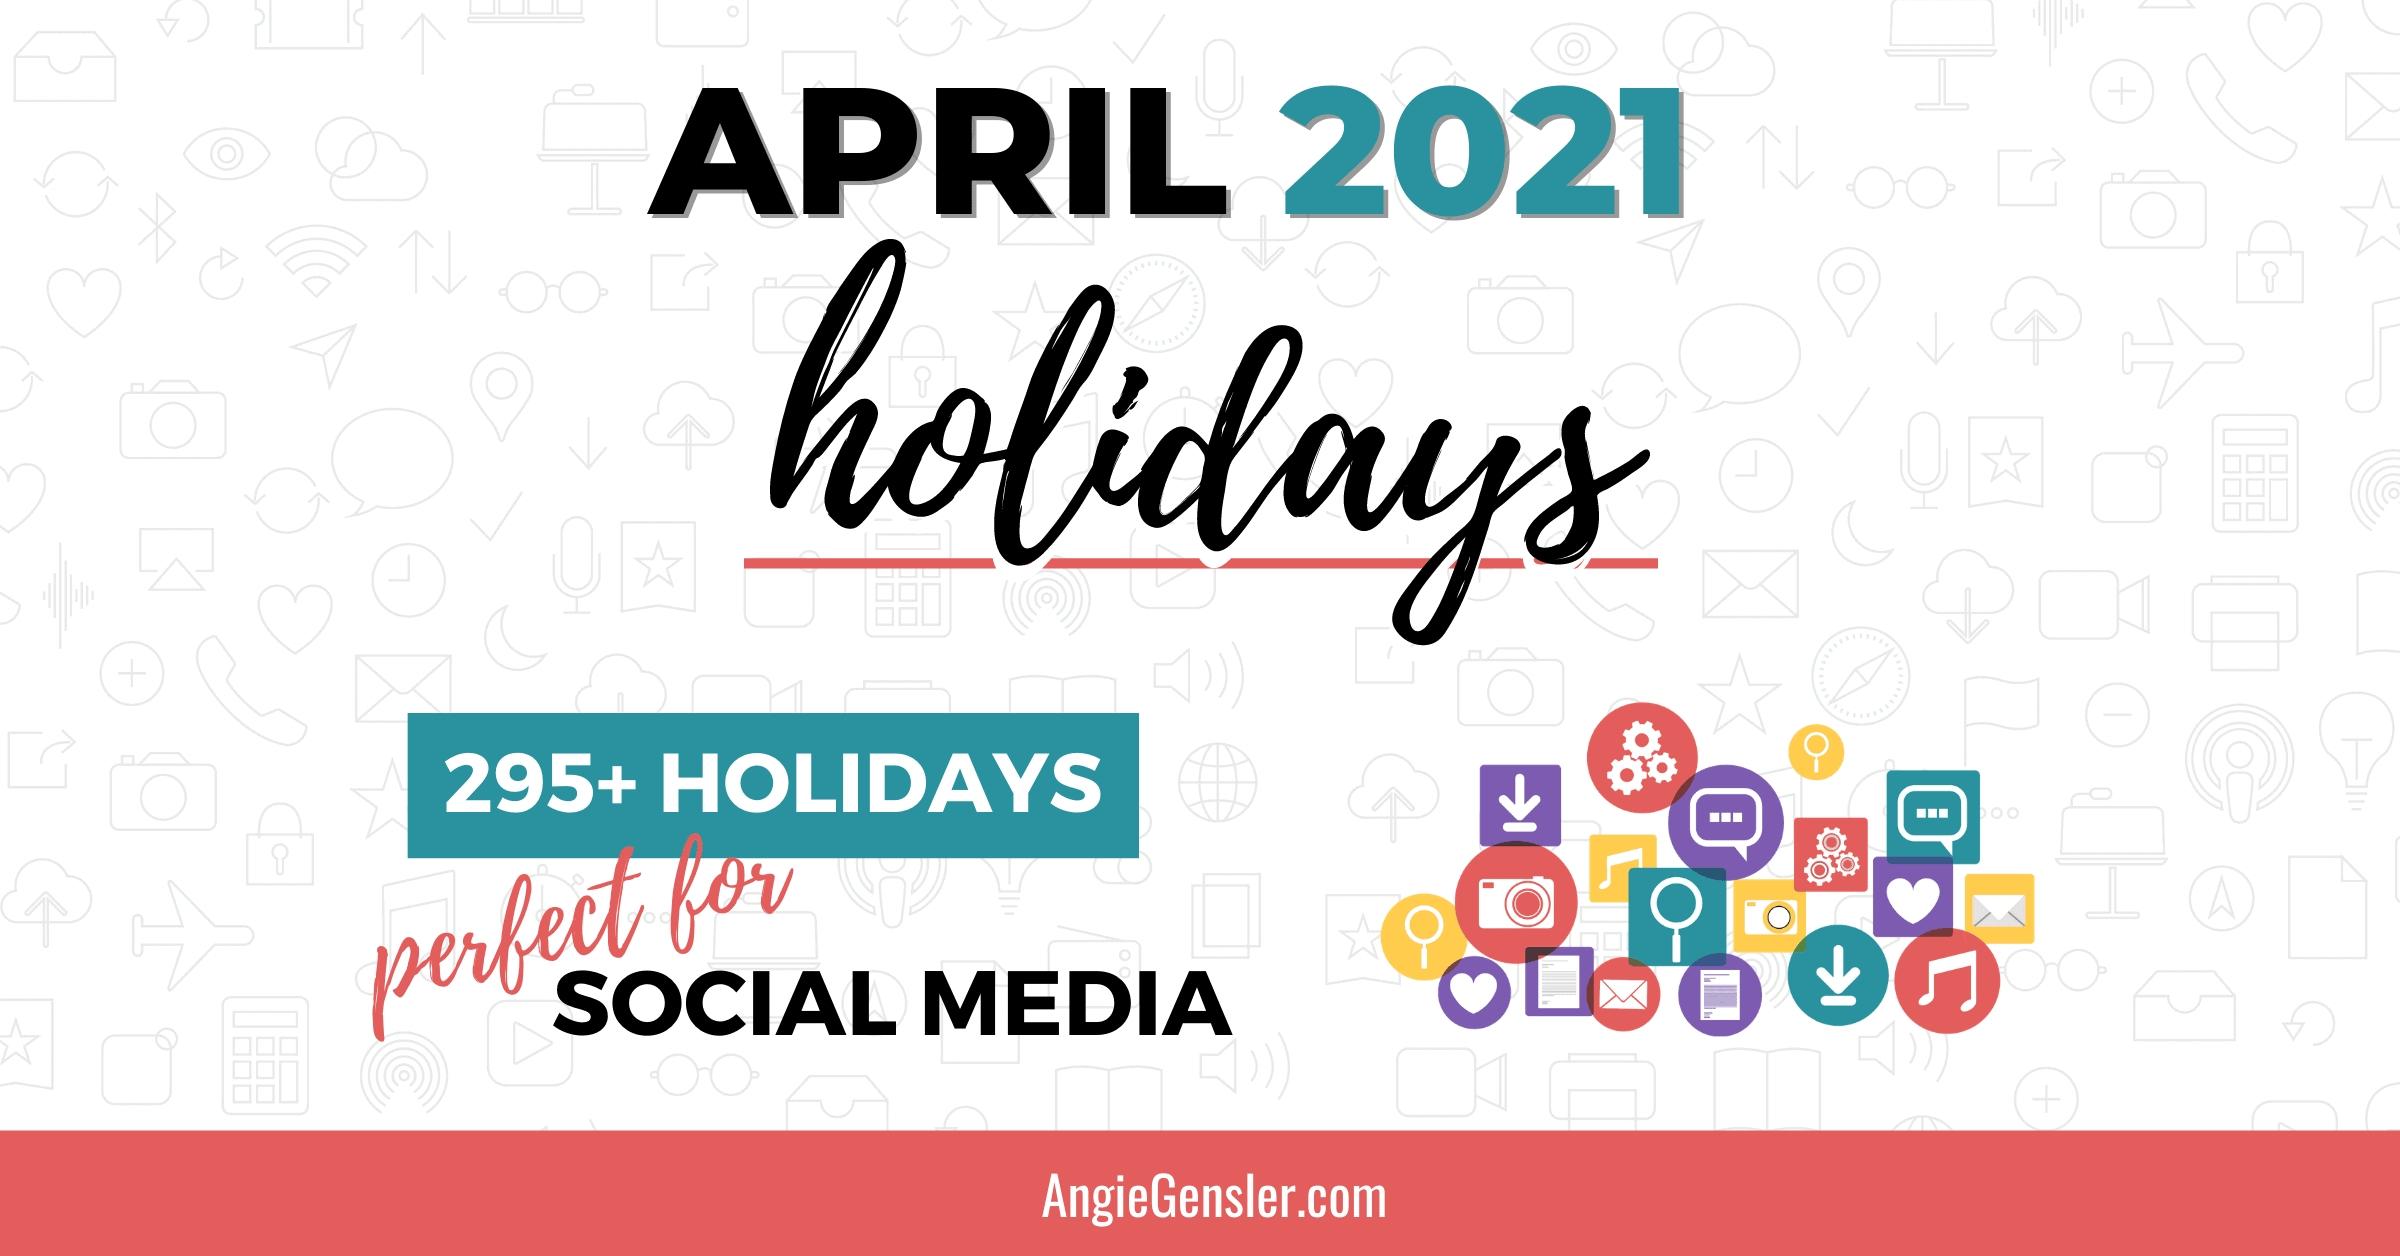 April 2021 Holidays + Fun, Weird, And Special Dates - Angie-Printable Healthcare Awareness Calendar 2021